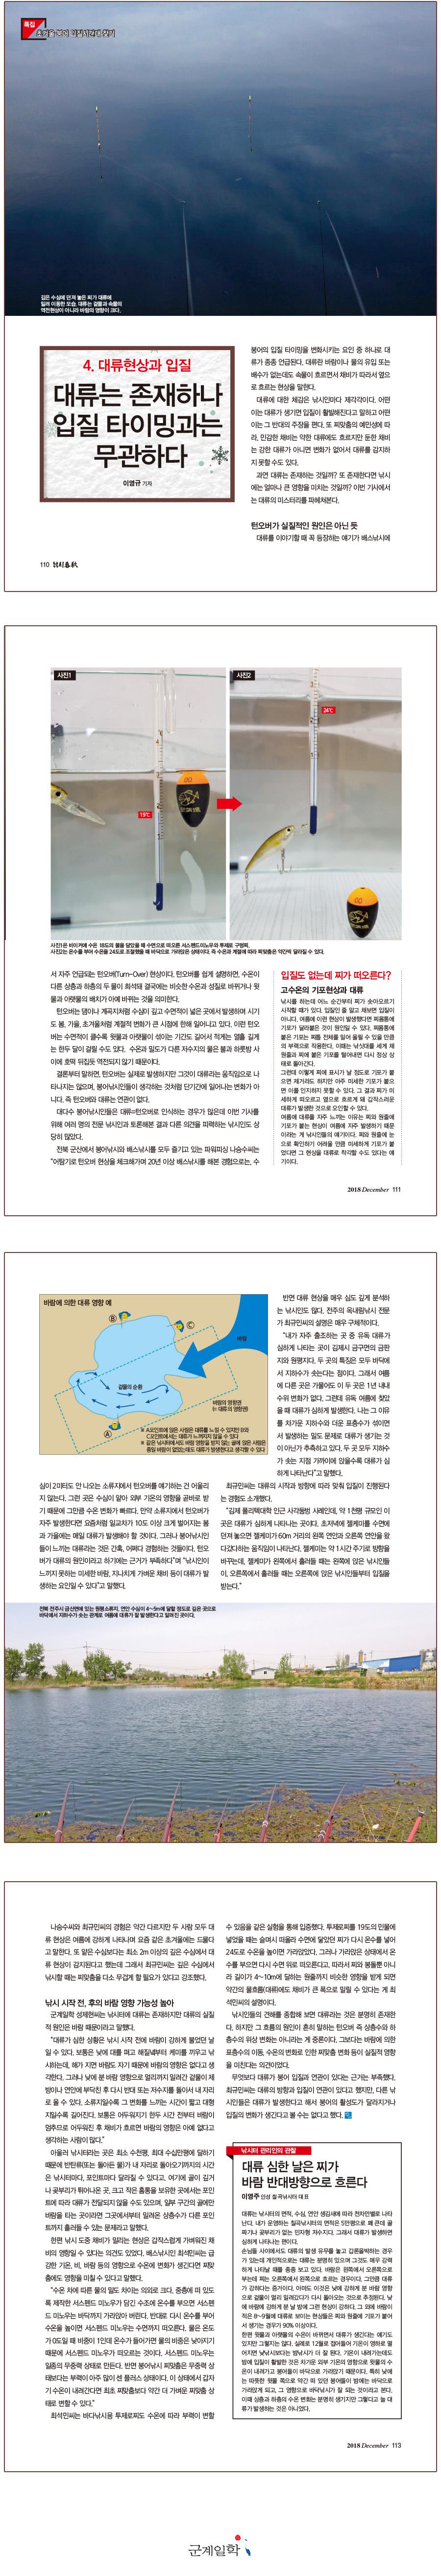 낚시춘추 2018년 12월호 - 특집.초겨울 붕어 입질 시간대 찾기 3.jpg